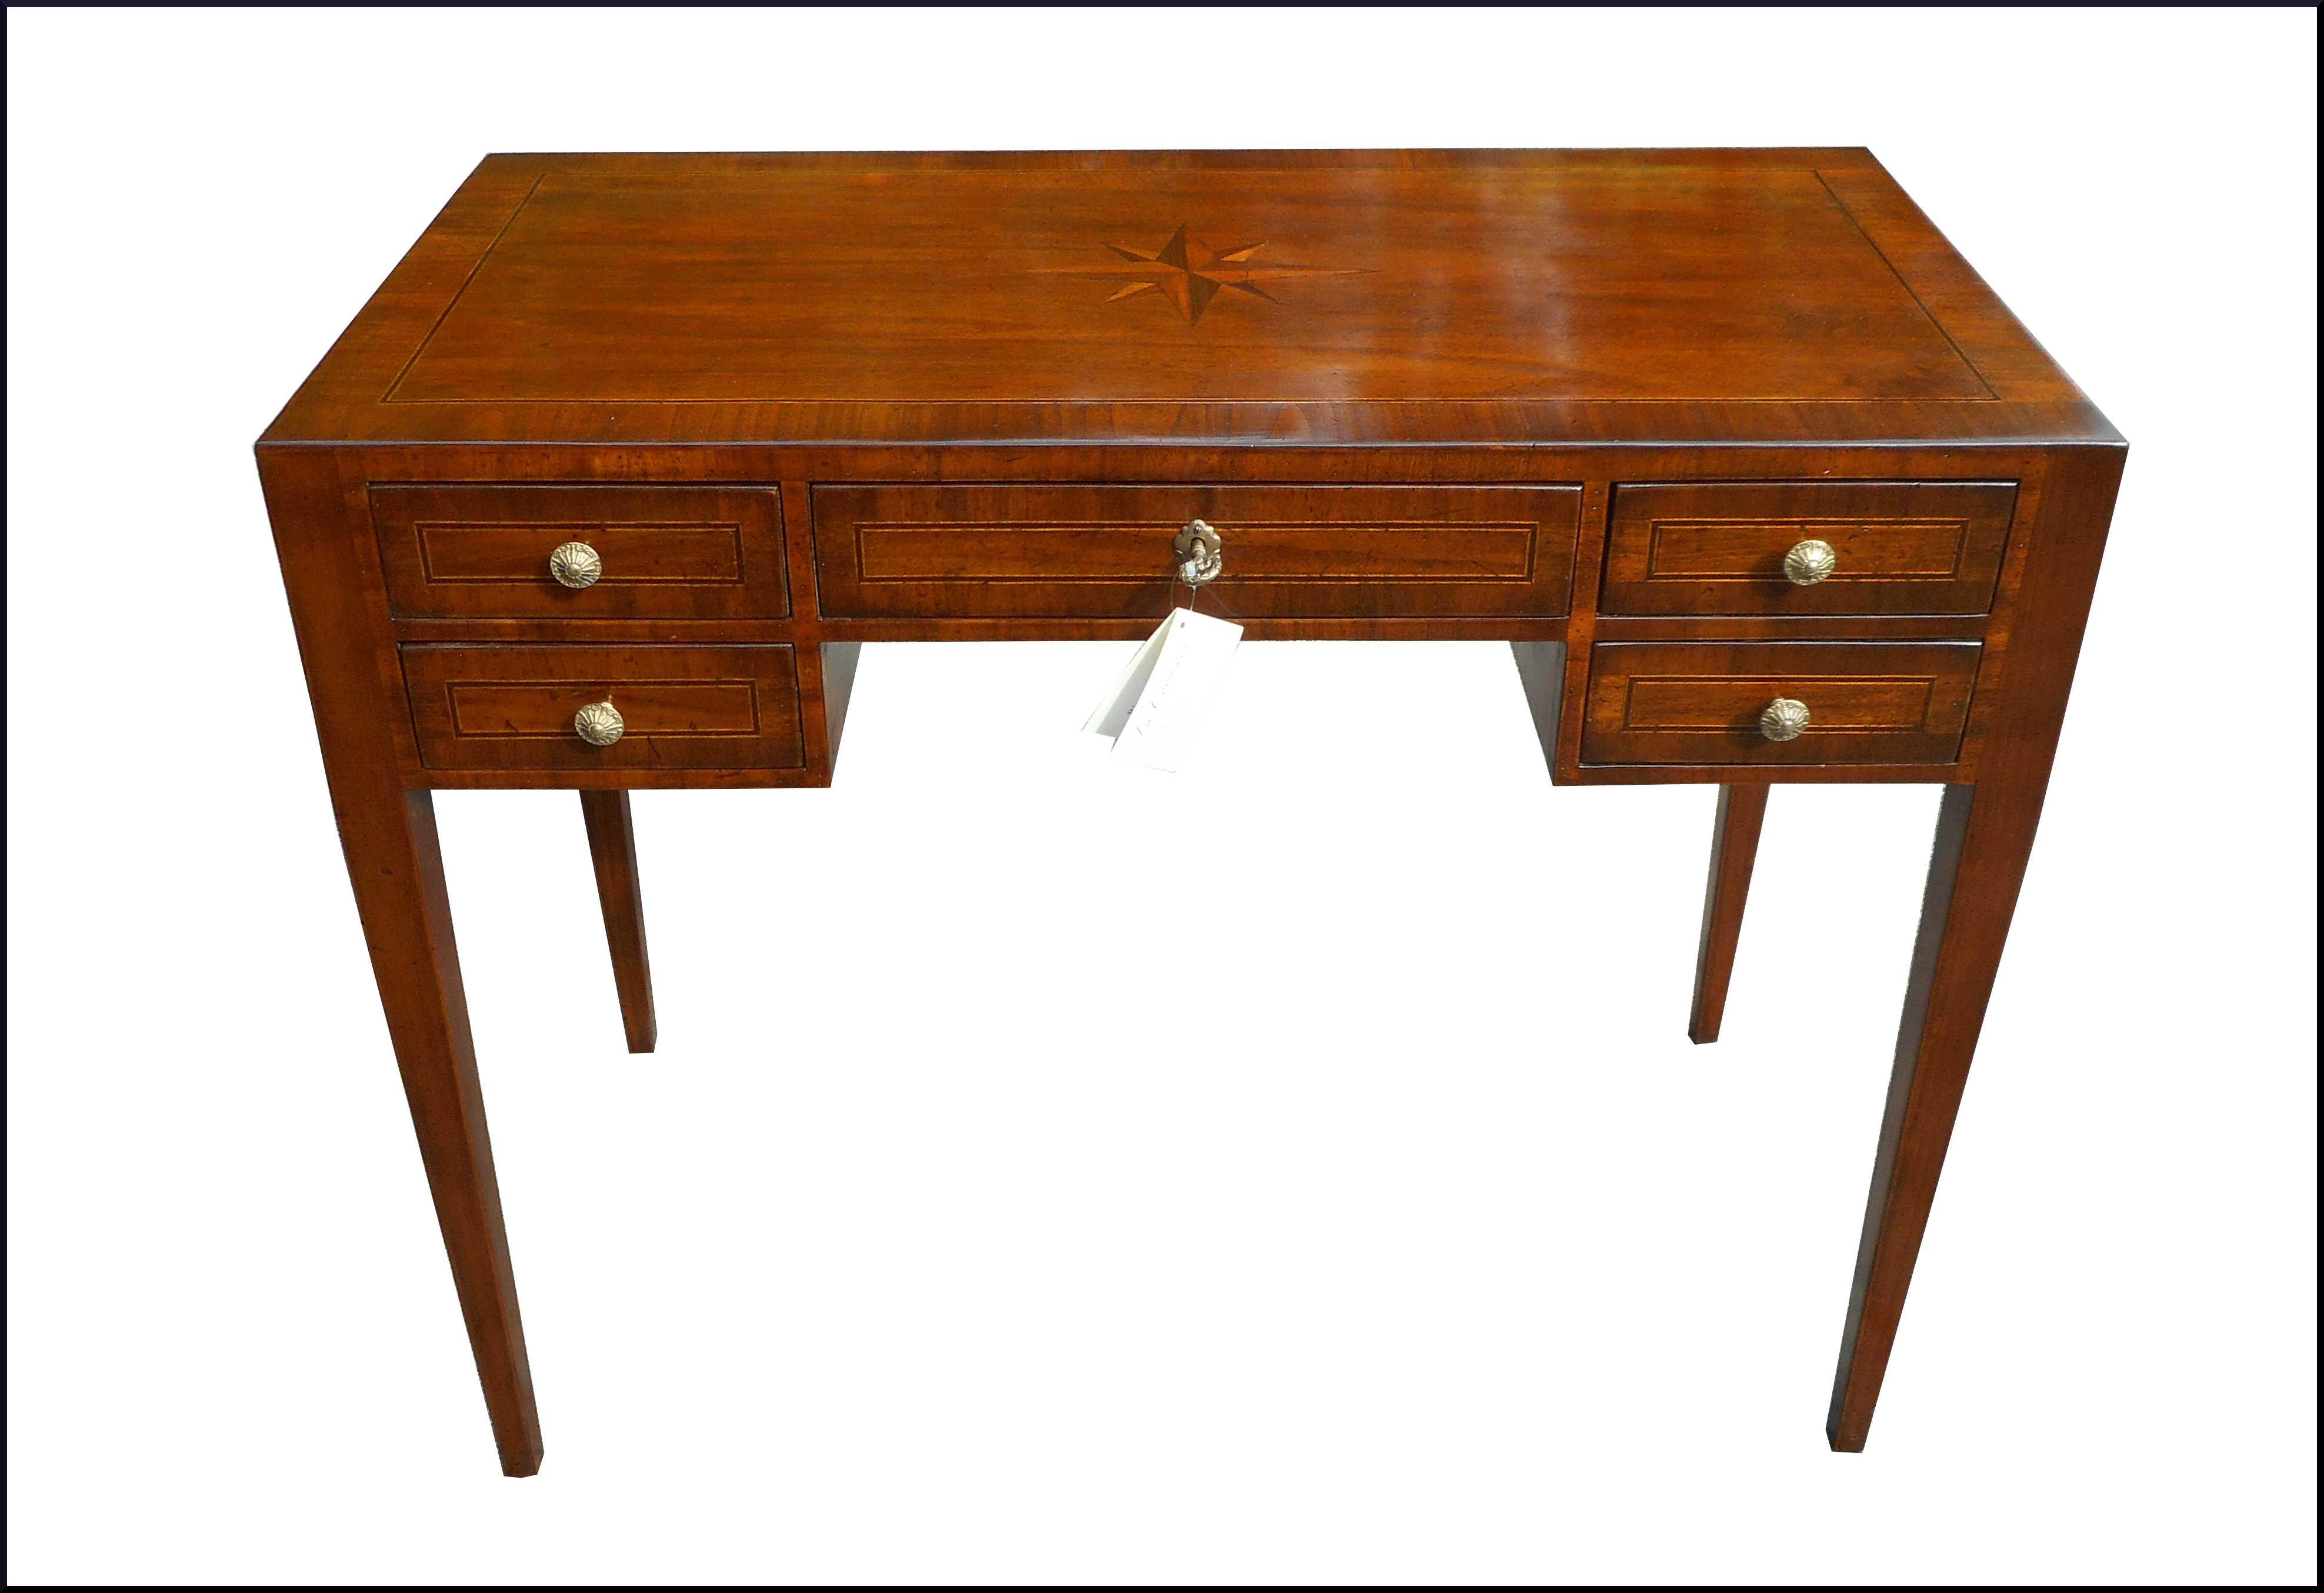 News mobili antichi restaurati e riprodotti la commode di davide corno - Mobili luigi xvi prezzi ...